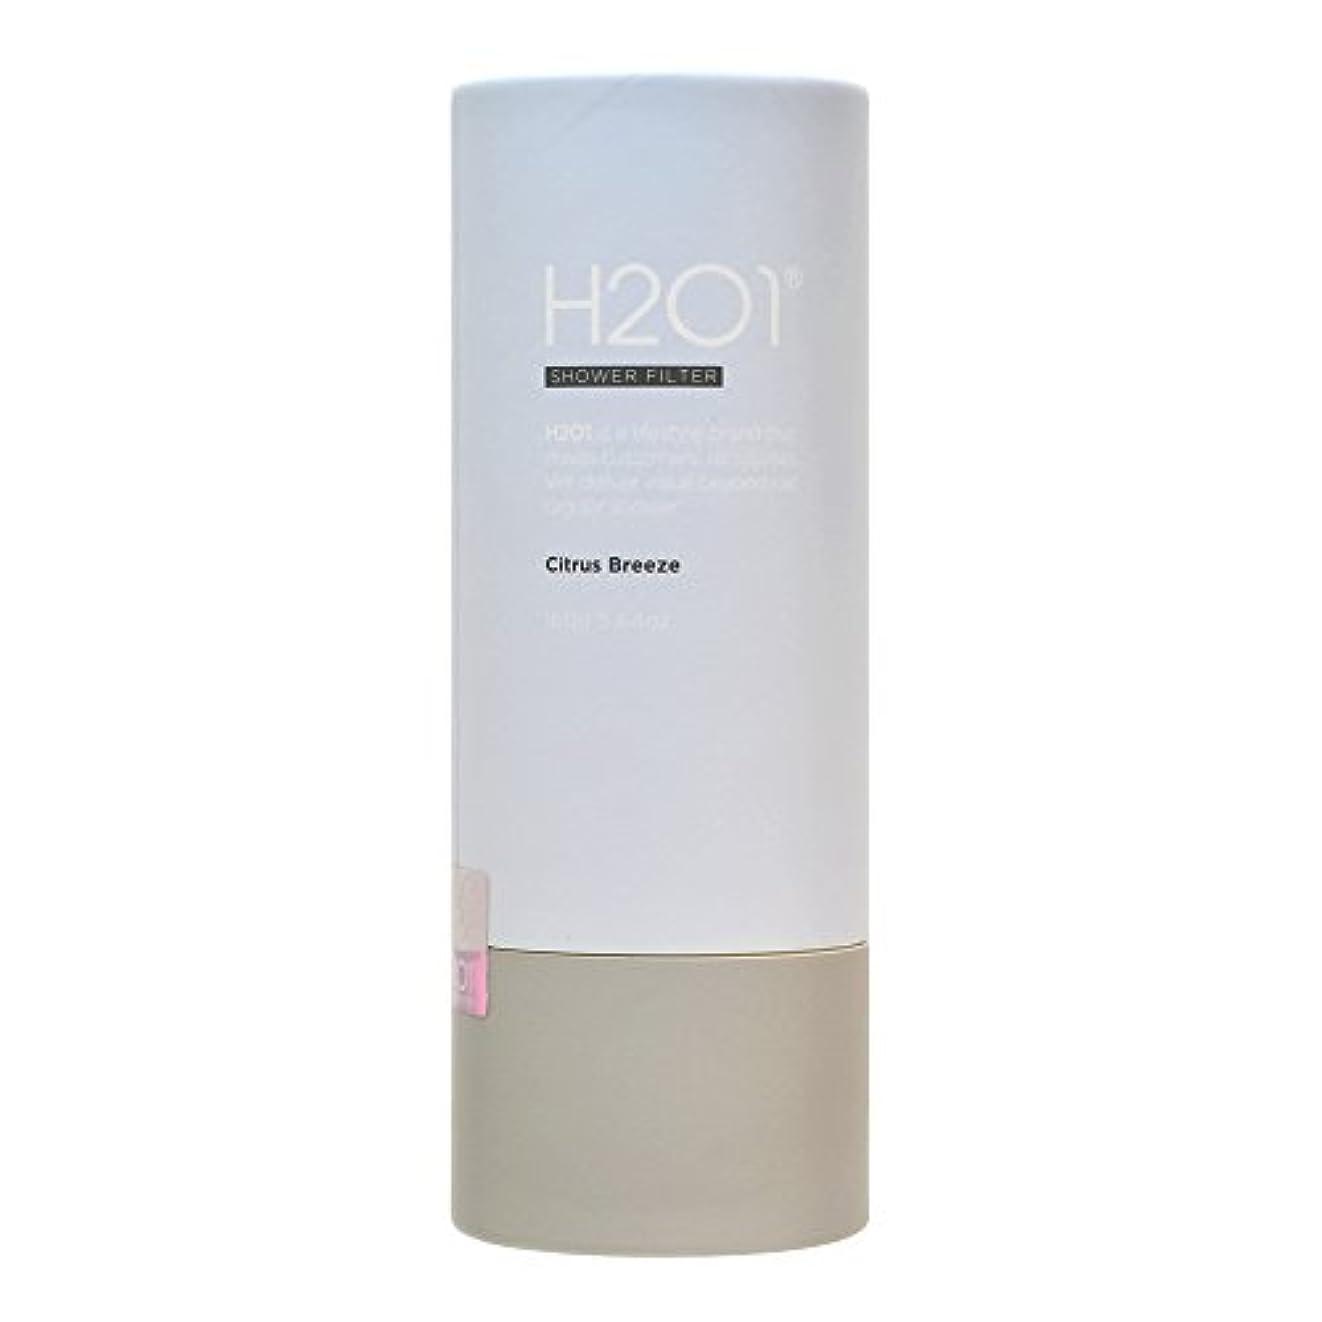 H2O1 (エイチツーオーワン) シャワーフィルター シトラスブリーズ